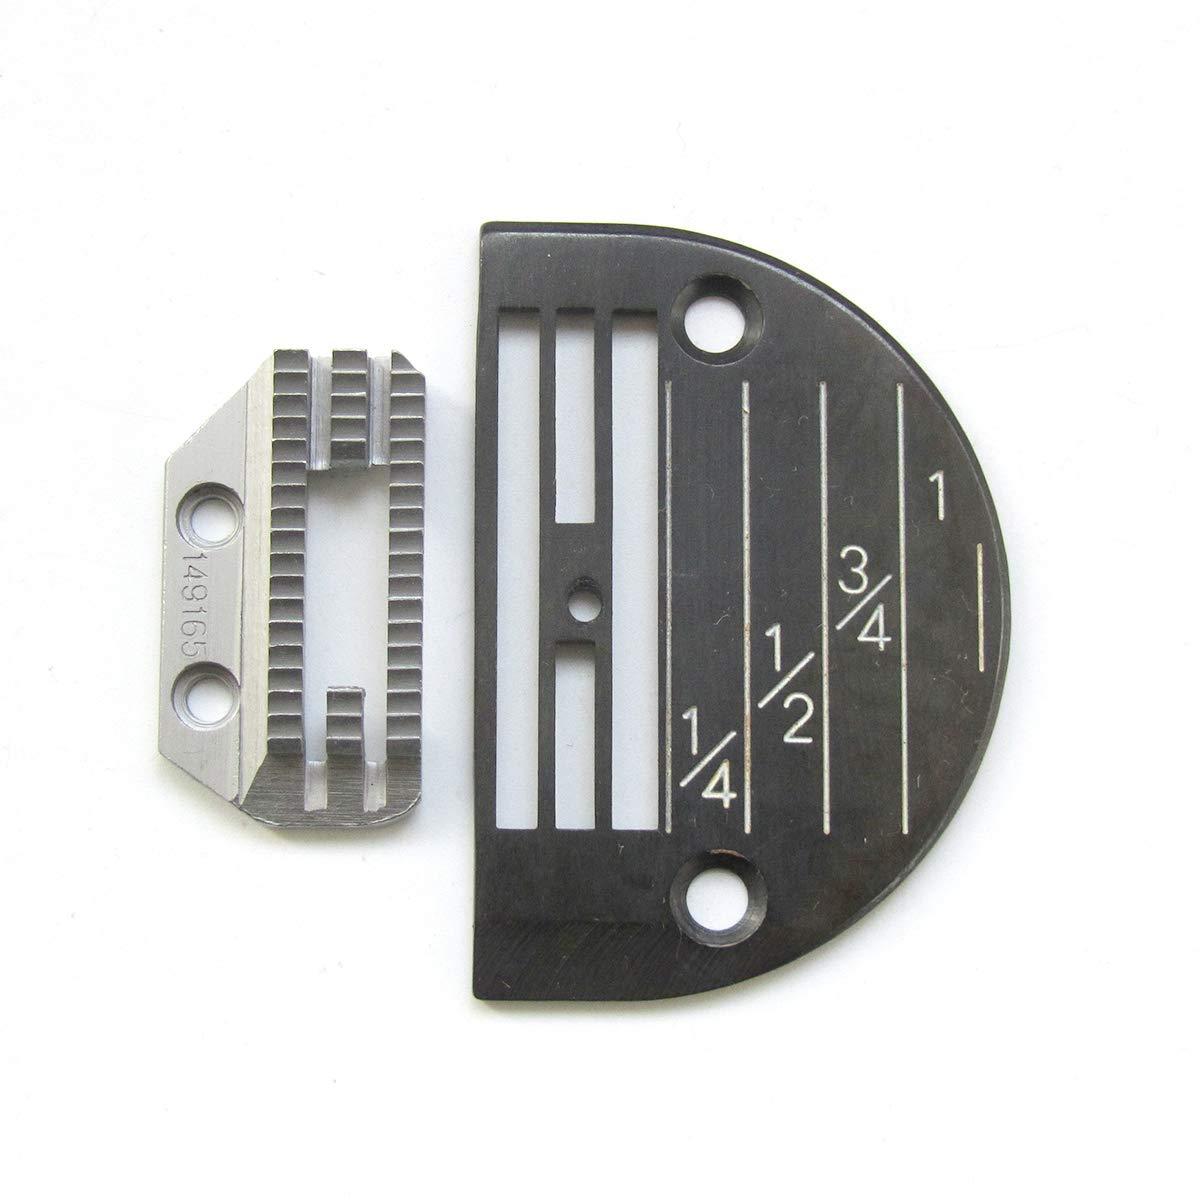 KUNPENG - # 149165 + 143169LGB 1conjunto placa de aguja Y máquina de coser diente apto para Singer 31-15 Máquina pesada de COSER TRABAJO: Amazon.es: Hogar